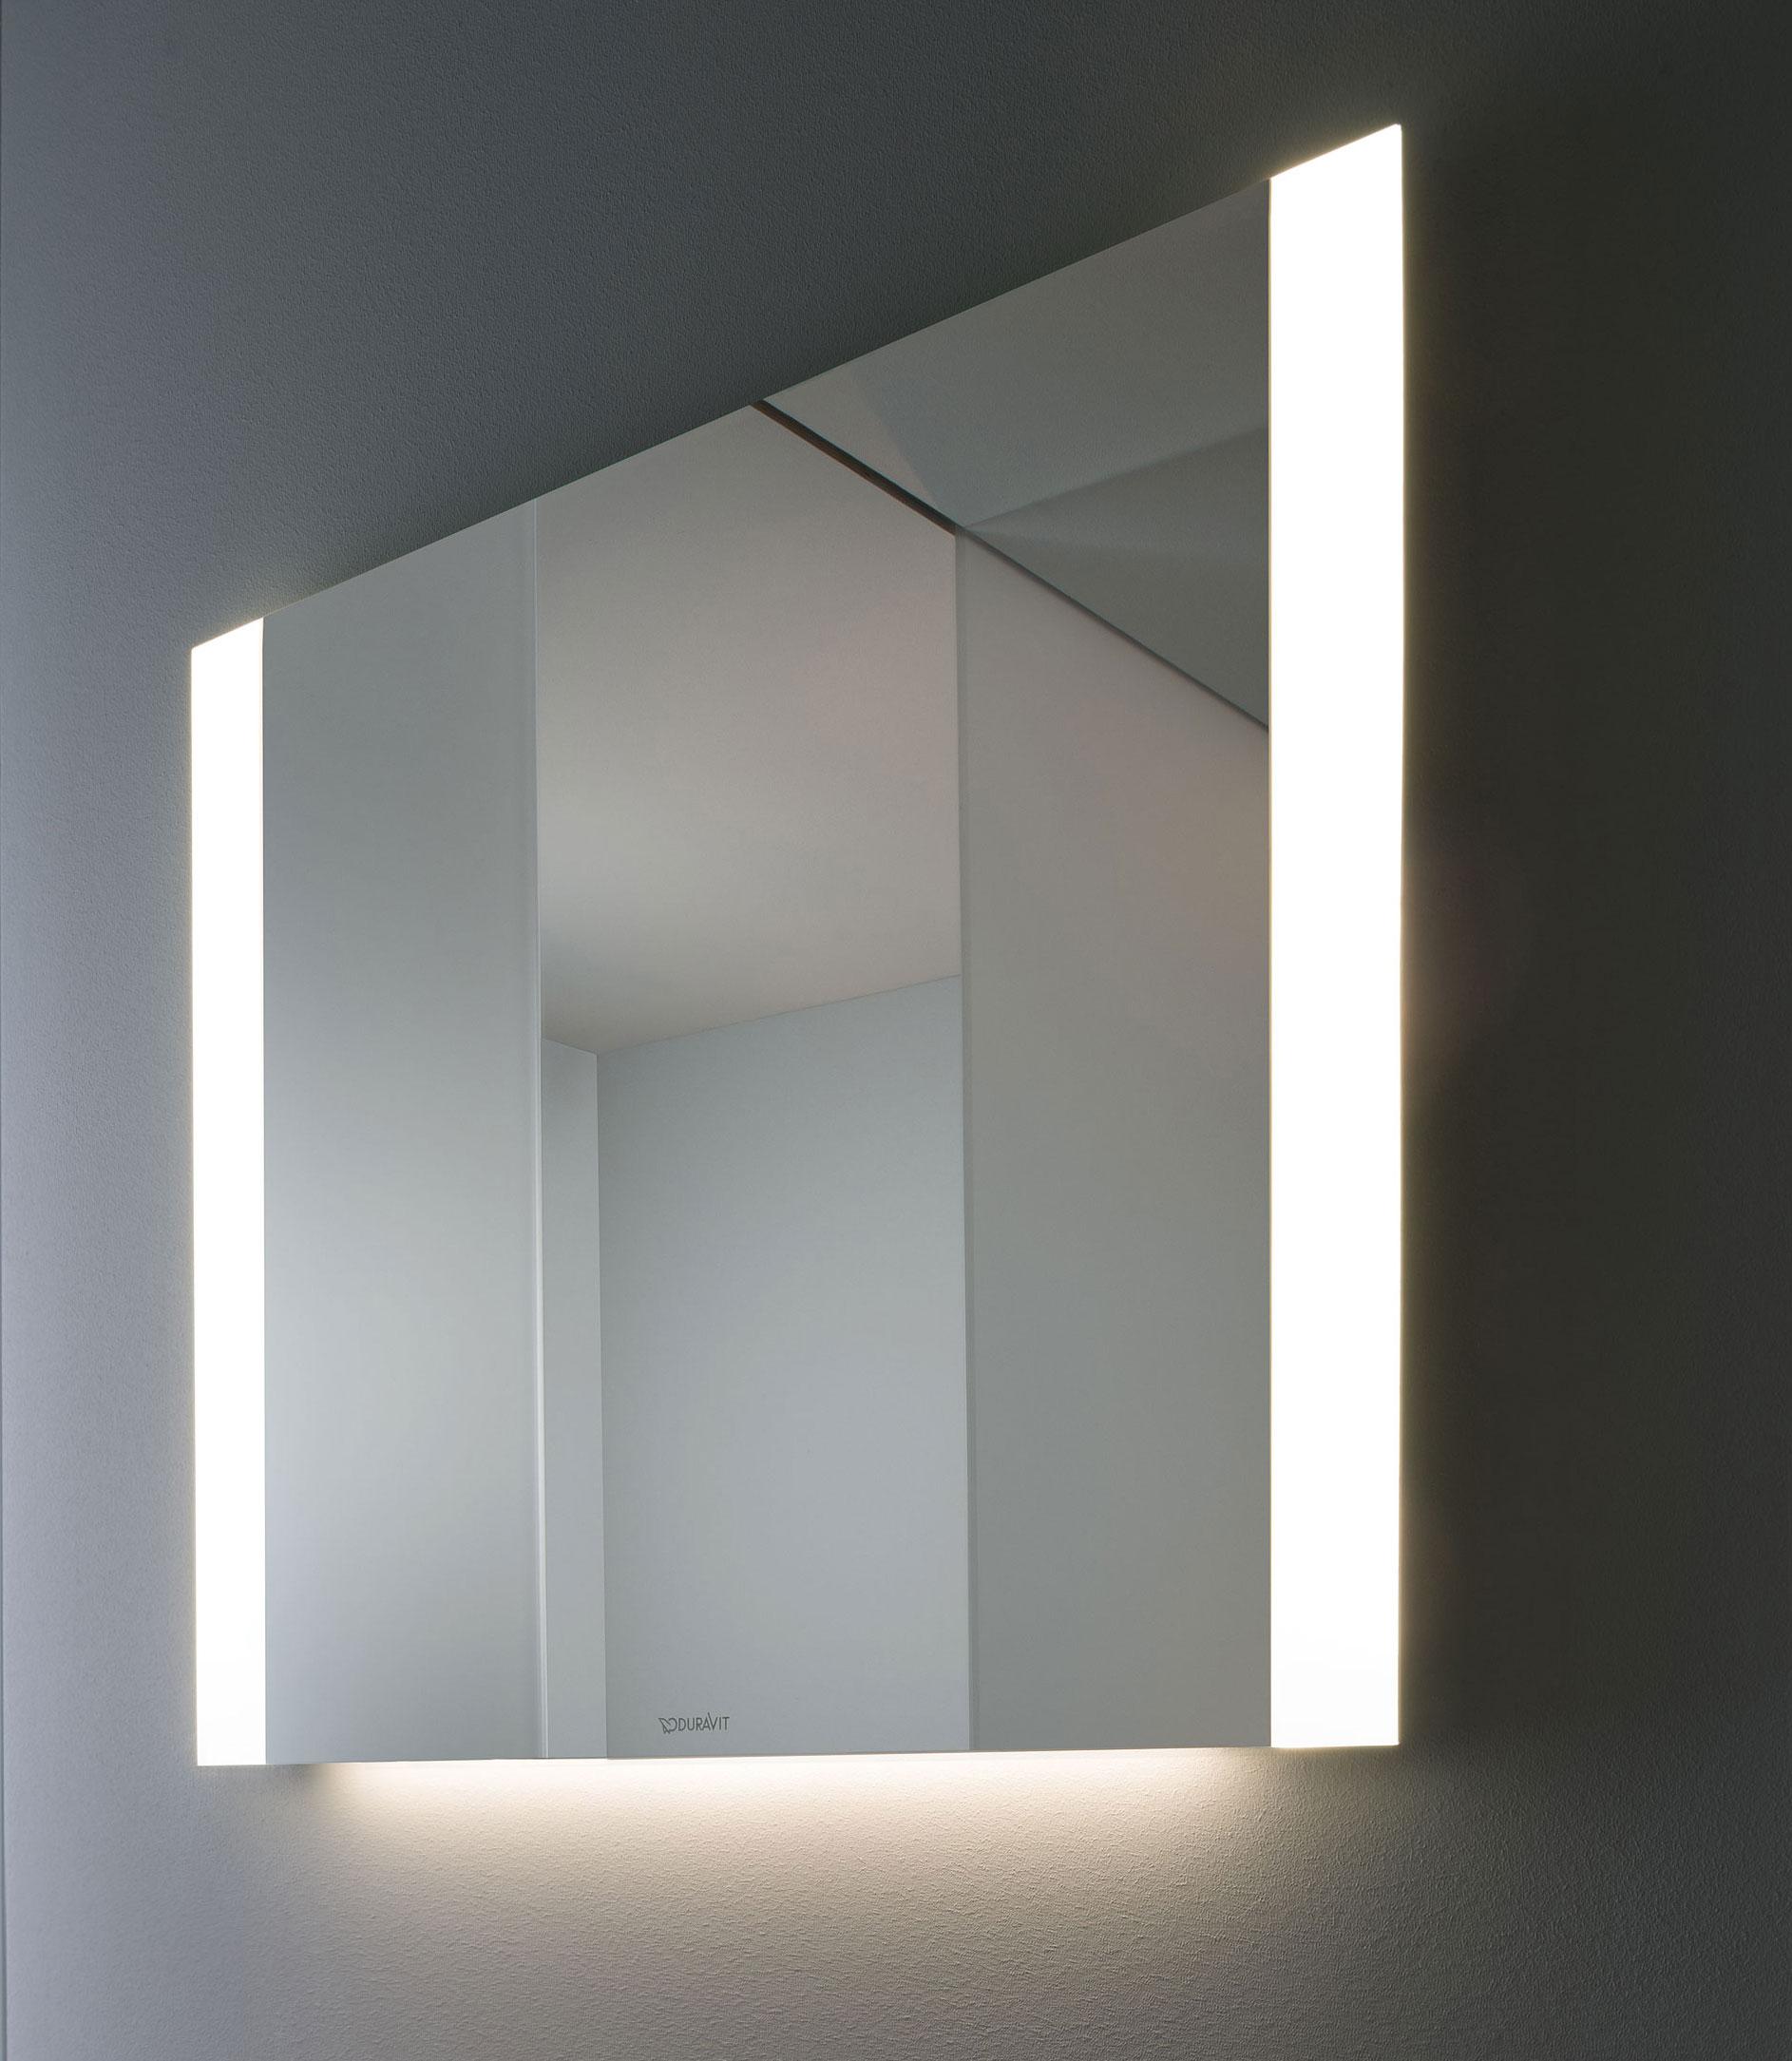 licht und spiegel duravit. Black Bedroom Furniture Sets. Home Design Ideas